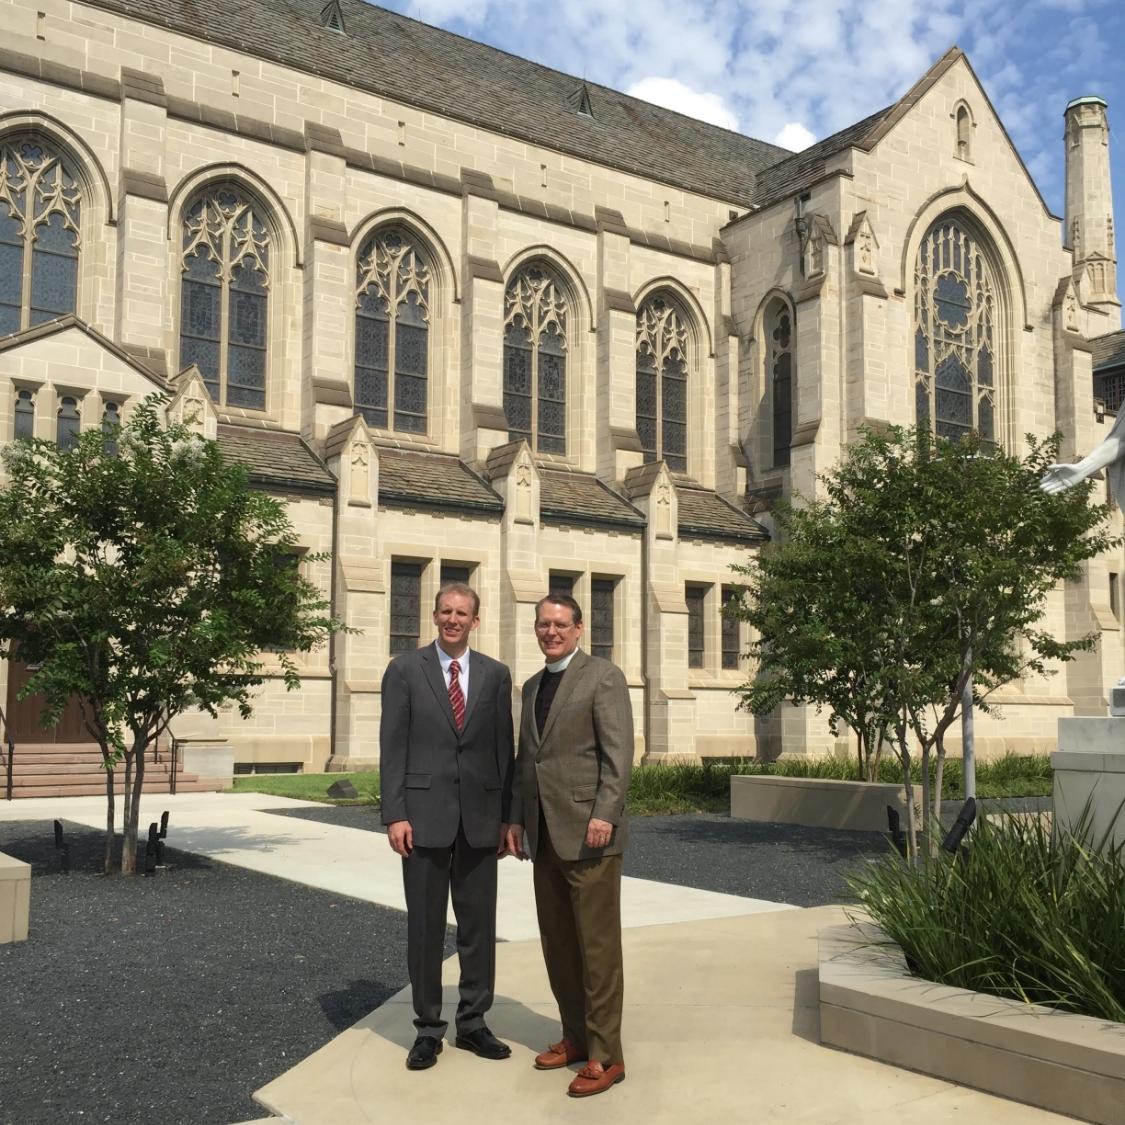 Left:Rev. Tommy Williams, Senior Minister, St. Paul's UMC, Houston; Right: Dr. Robert Moore, Senior Pastor, Christ the King Lutheran Church, Houston.